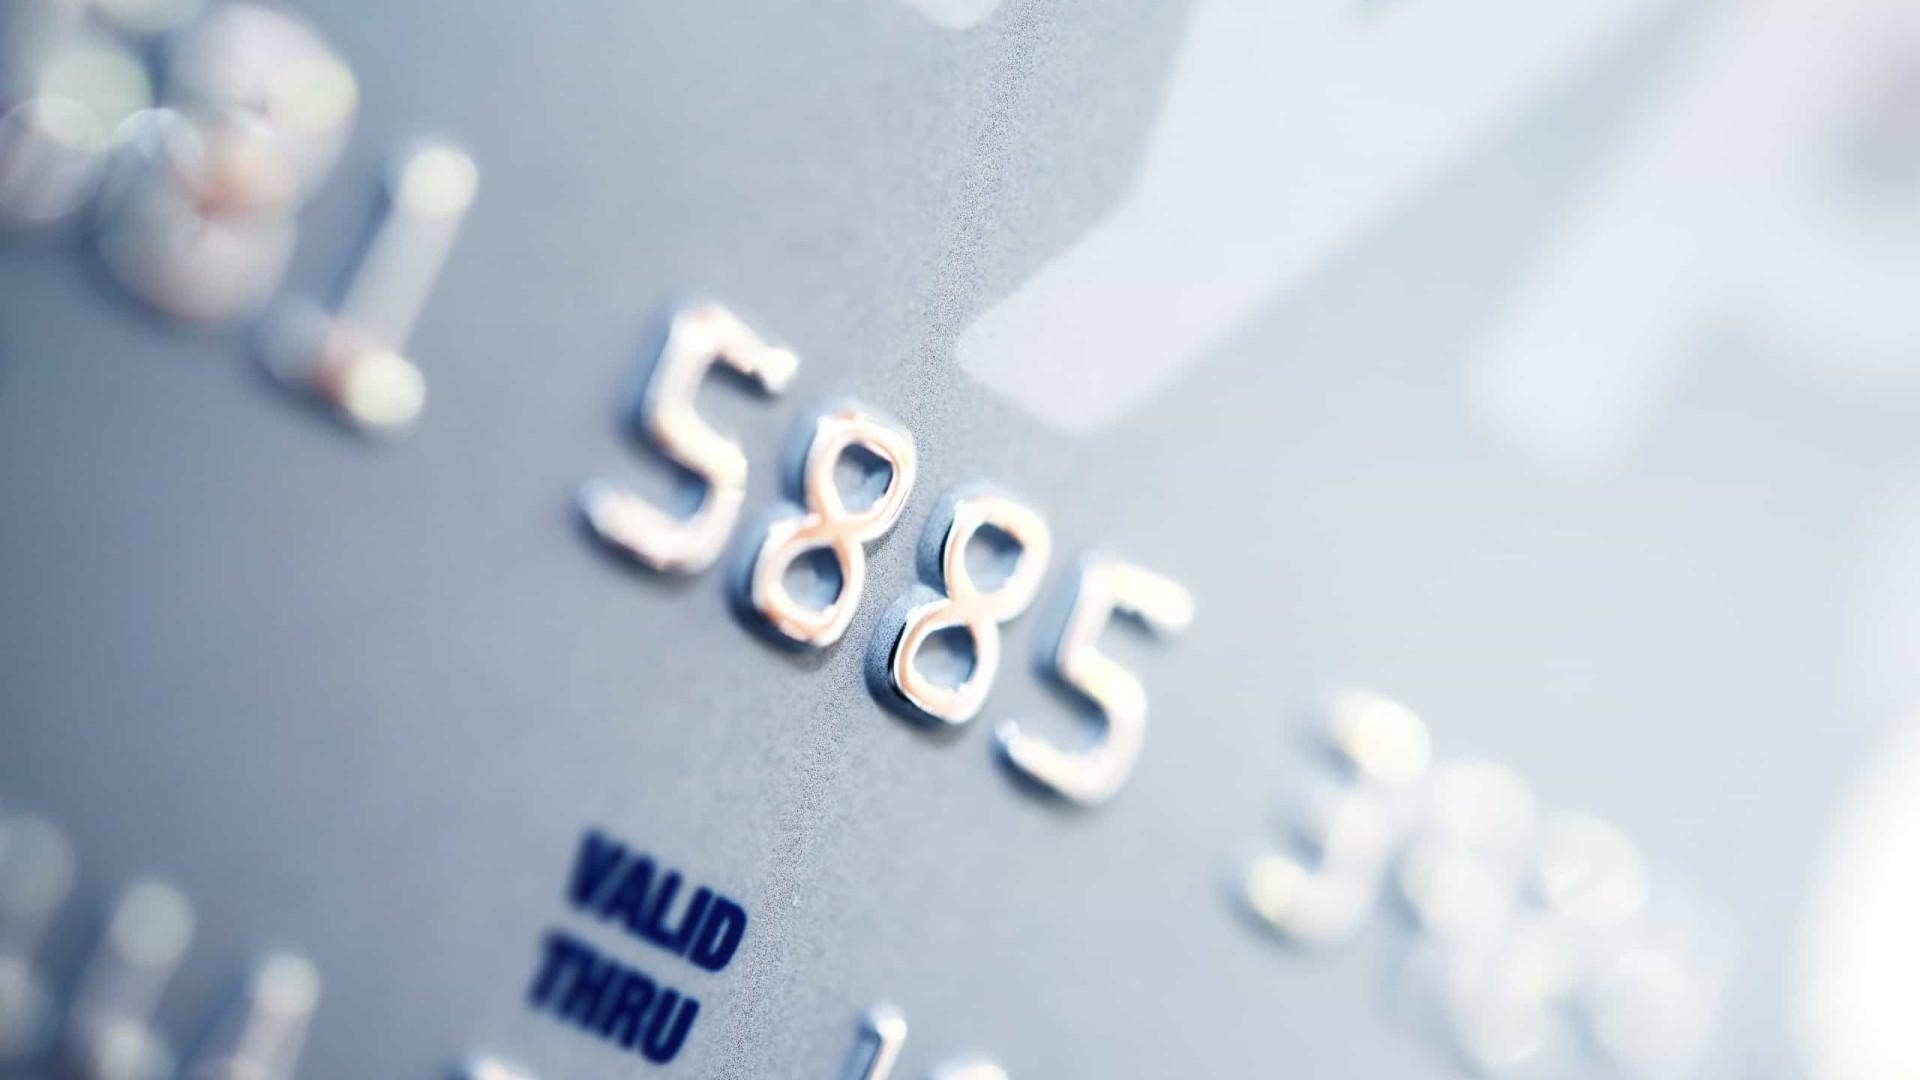 Procon-SP alerta para golpe da troca de cartão bancário